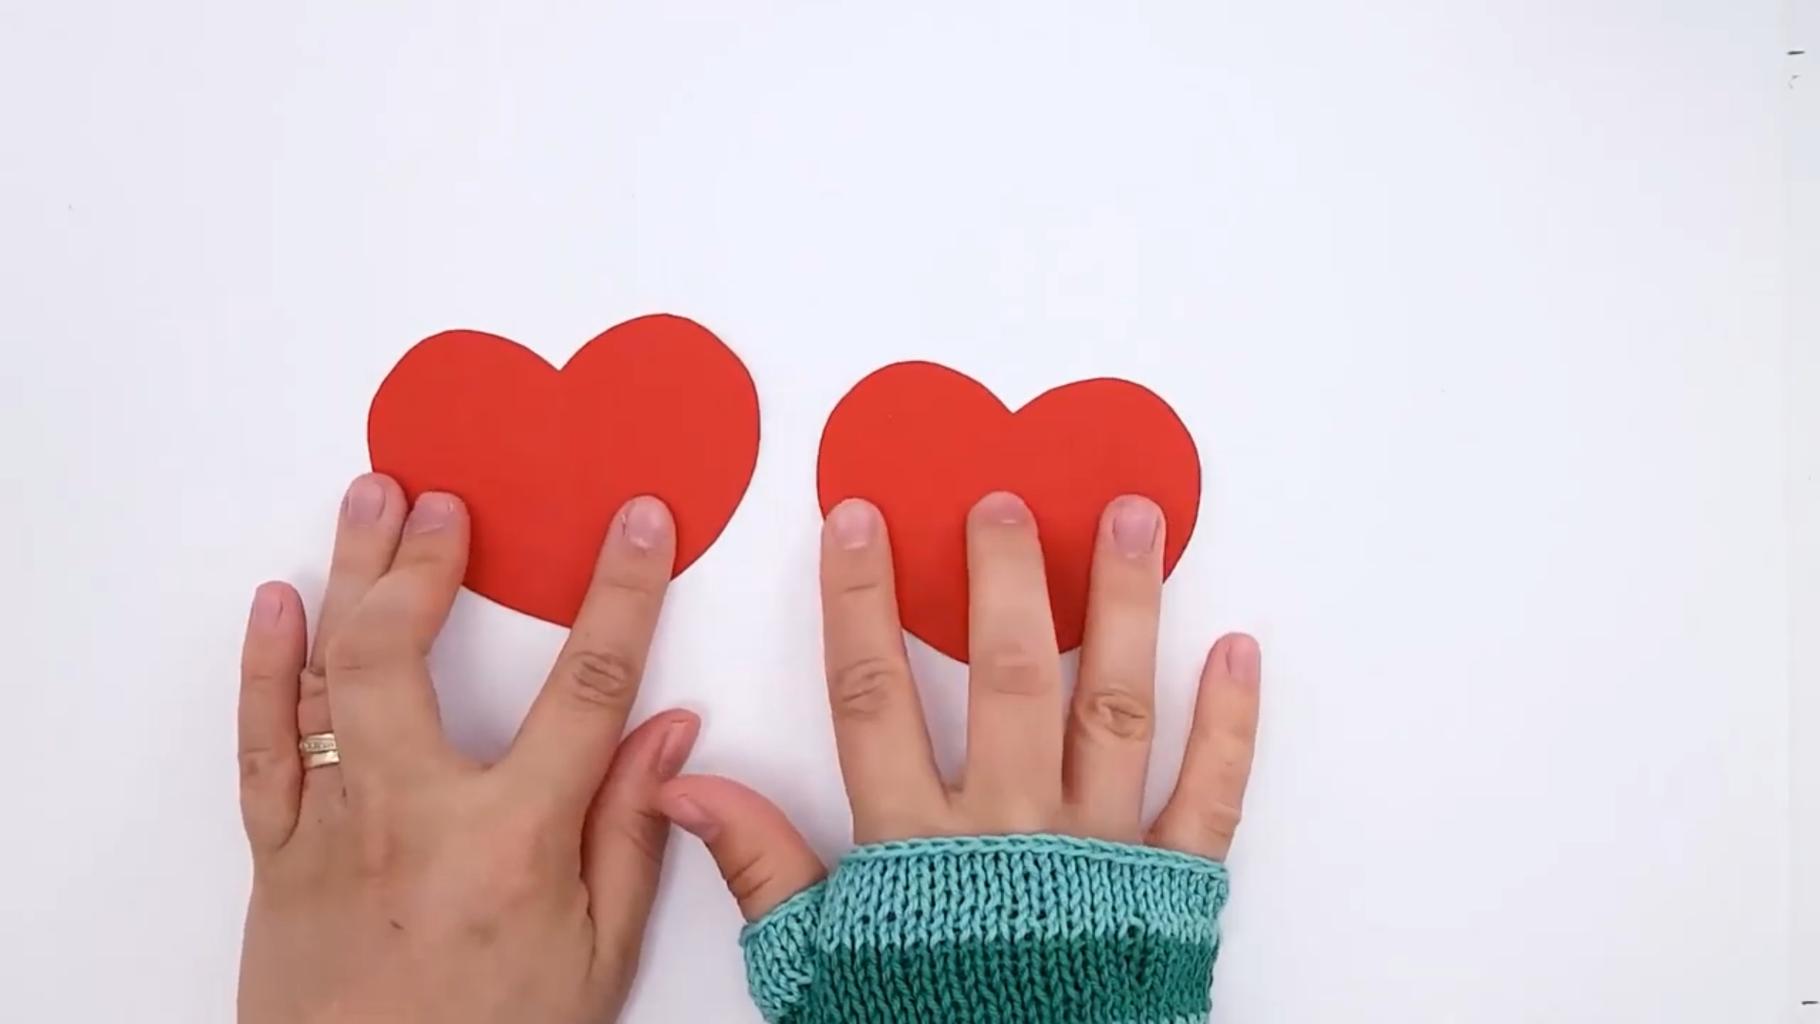 Make Two Hearts | Tee Kaksi Sydäntä